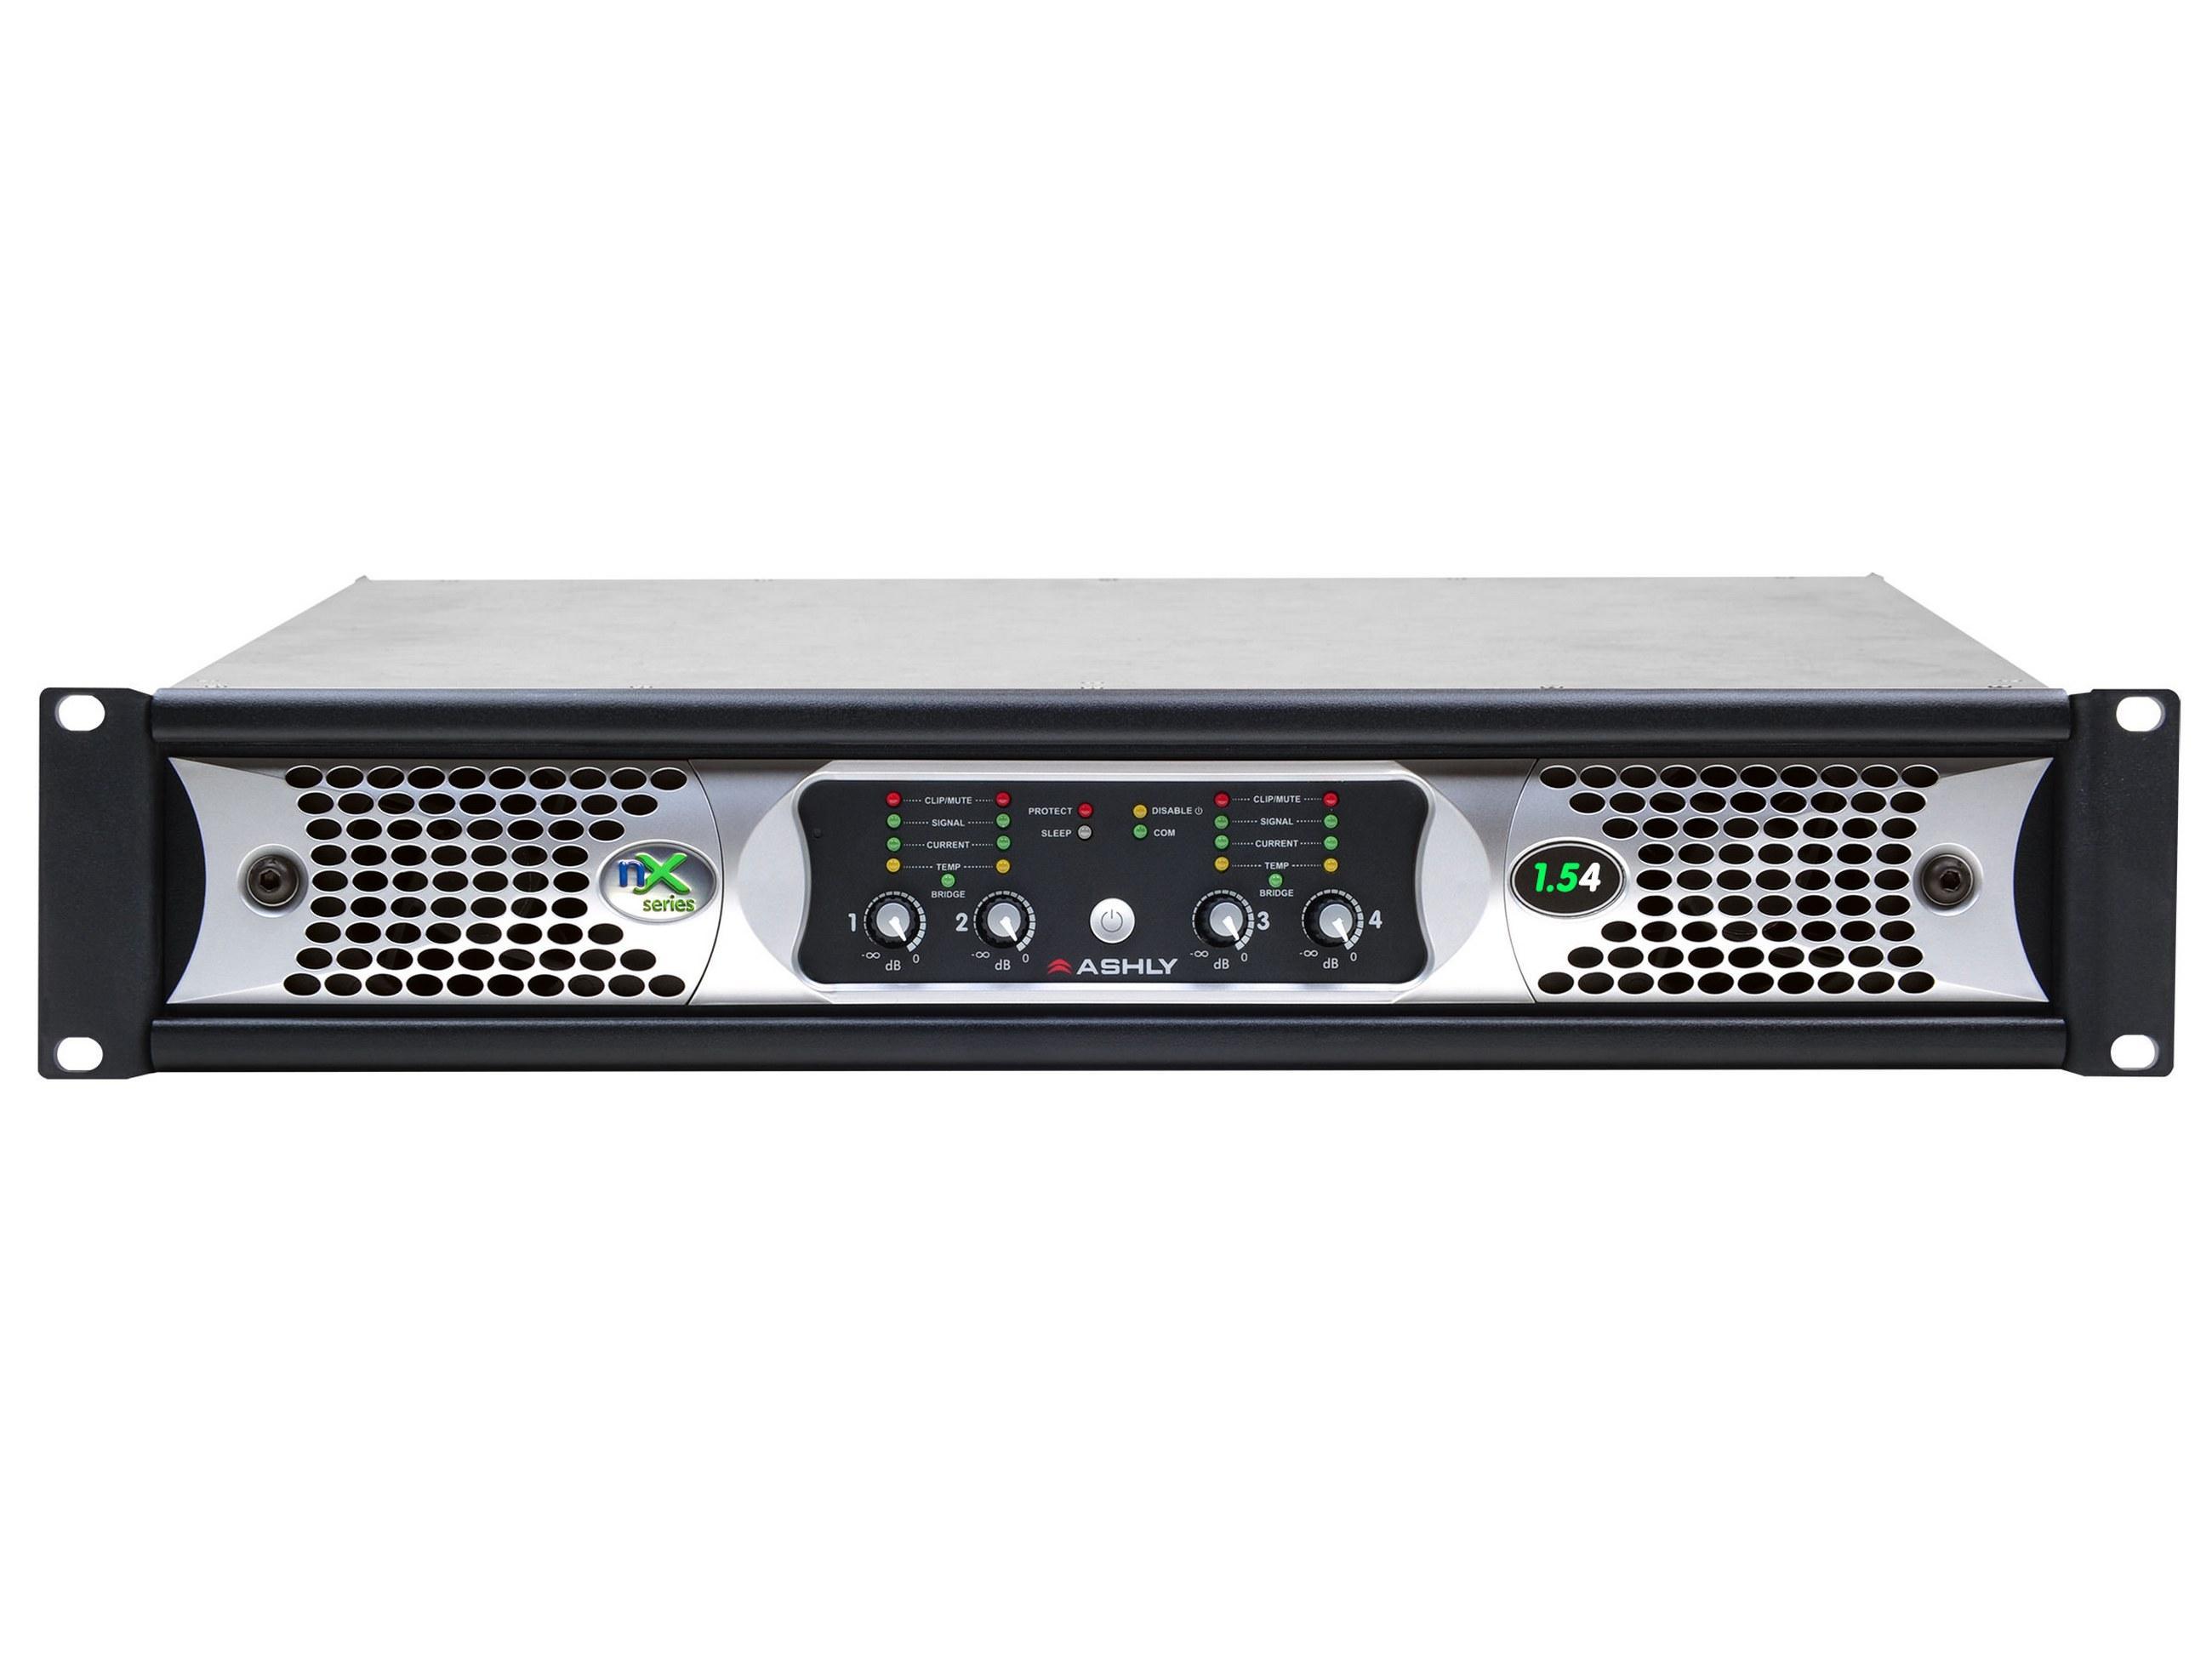 Ashly nX1.54 Power Amplifier 4 x 1500 Watts/2 Ohms